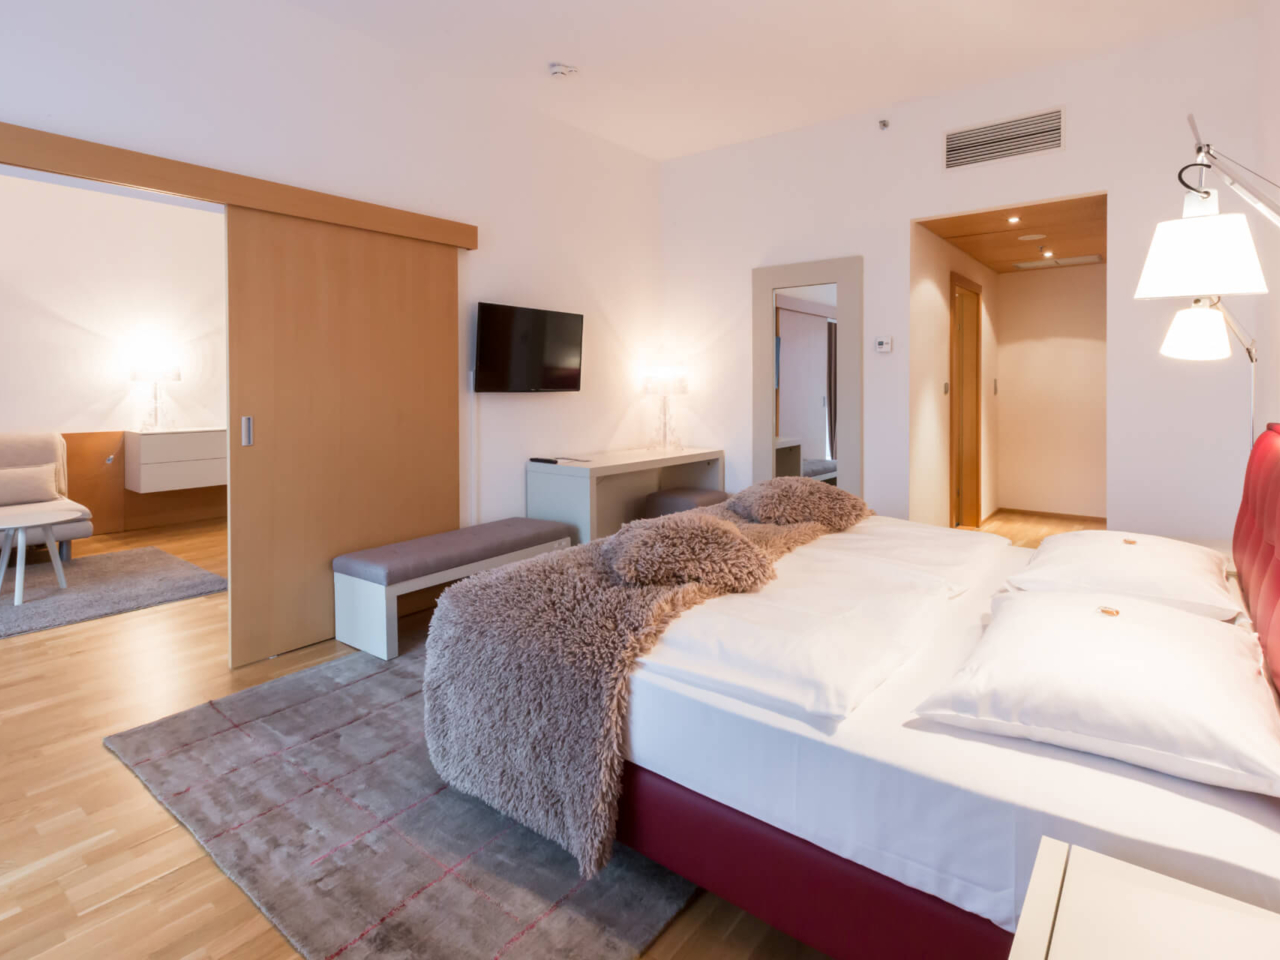 Living example of an apartment in Bad Loipersdorf - DAS SONNREICH****